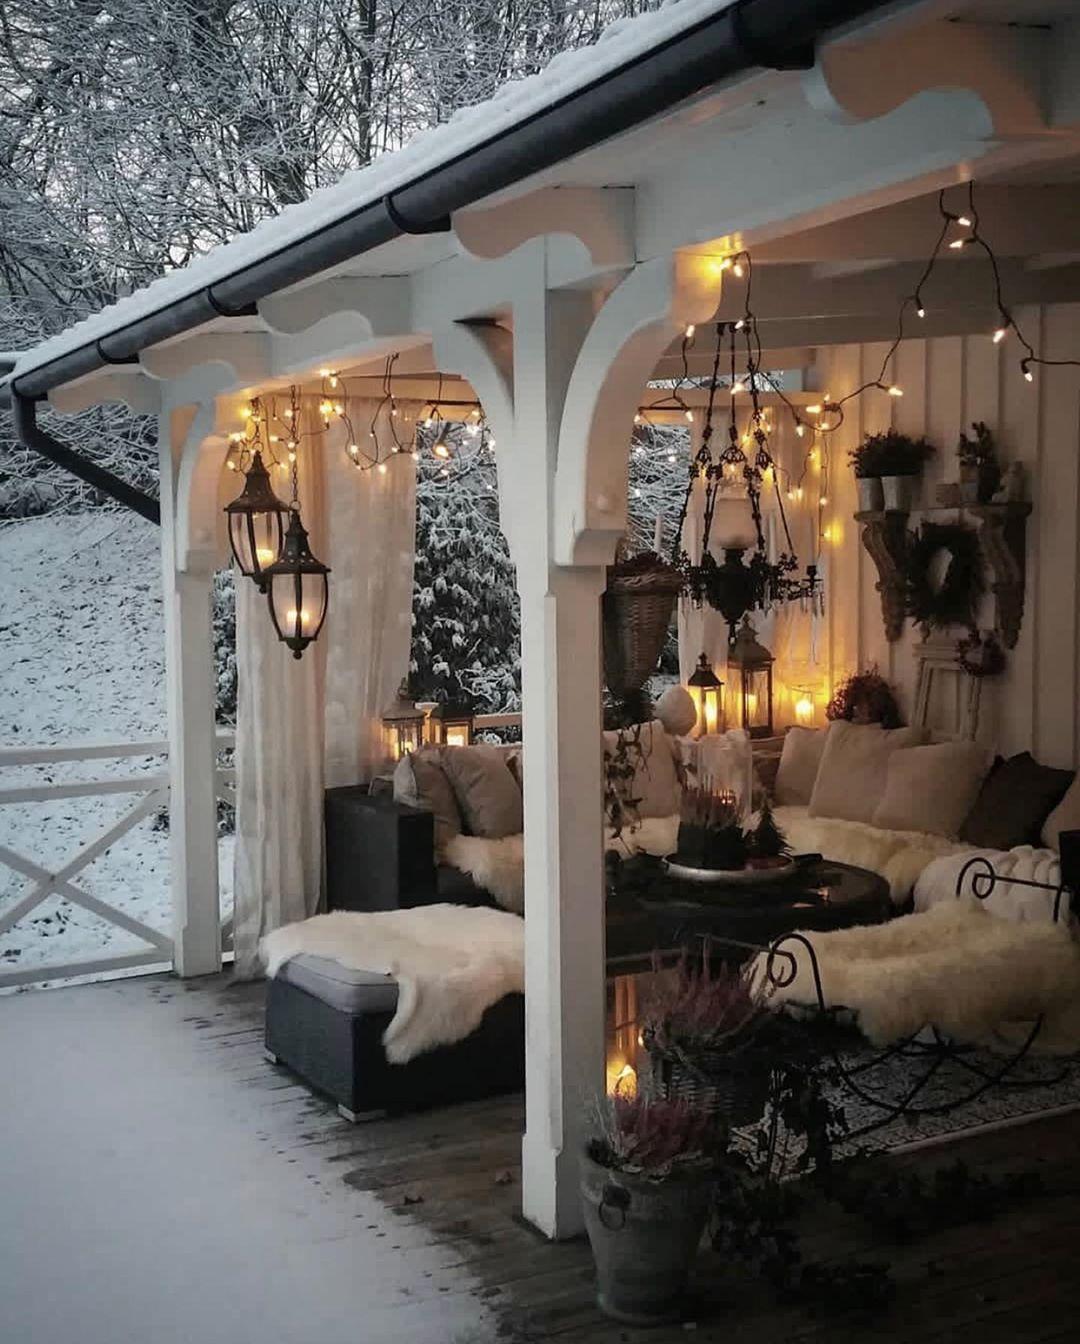 MAGICAL ✨ Ist diese Veranda von Anna-Lena @annalena.lindqvist nicht einfach ein Traum? ✨Das Laternenlicht mit dem Schnee zaubert diese… #Überdachungterrasse